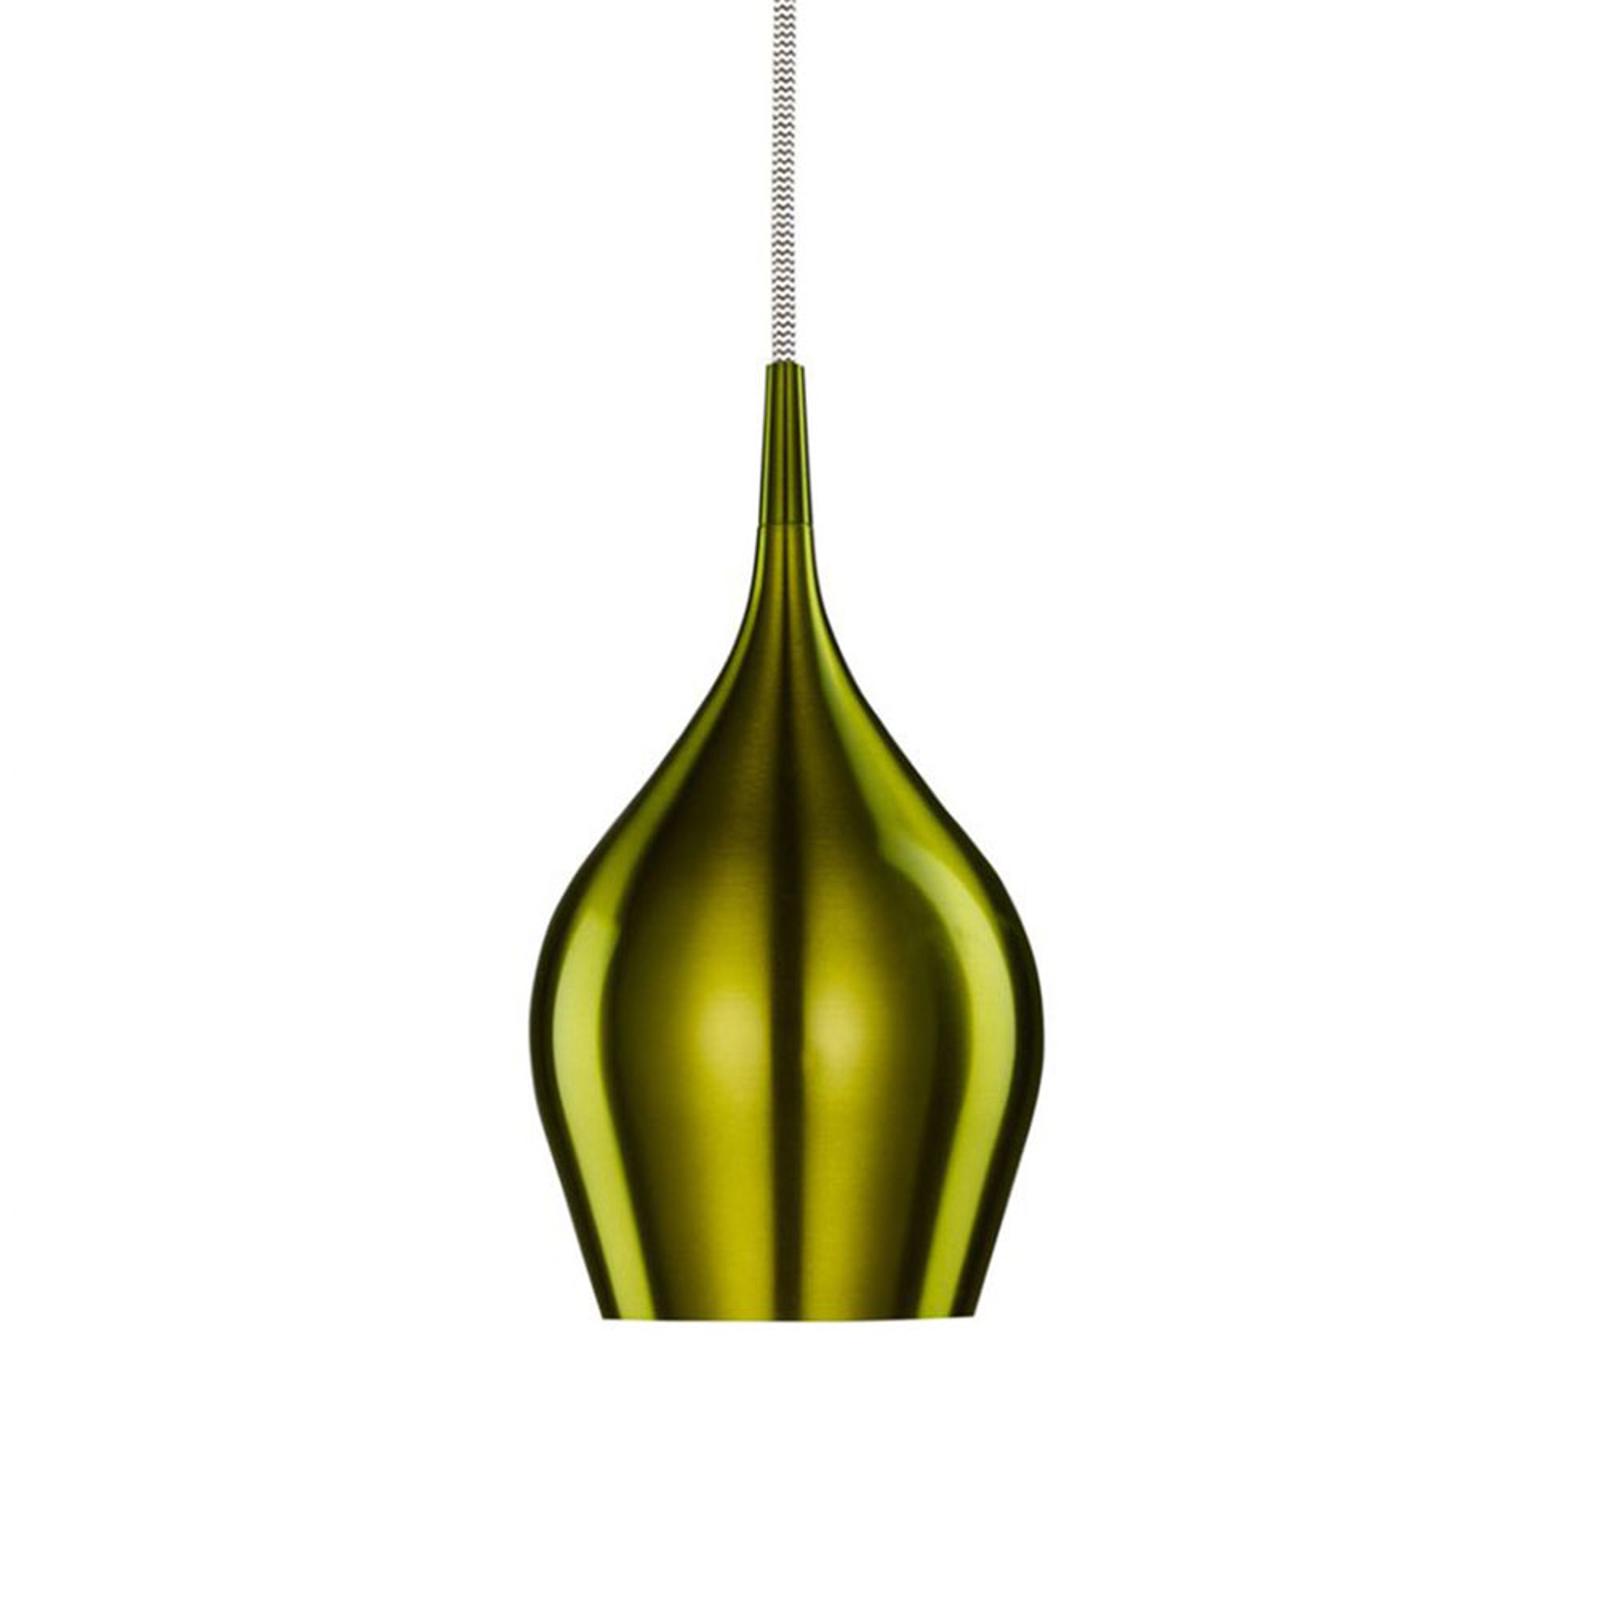 Riippuvalaisin Vibrant Ø 12 cm, vihreä